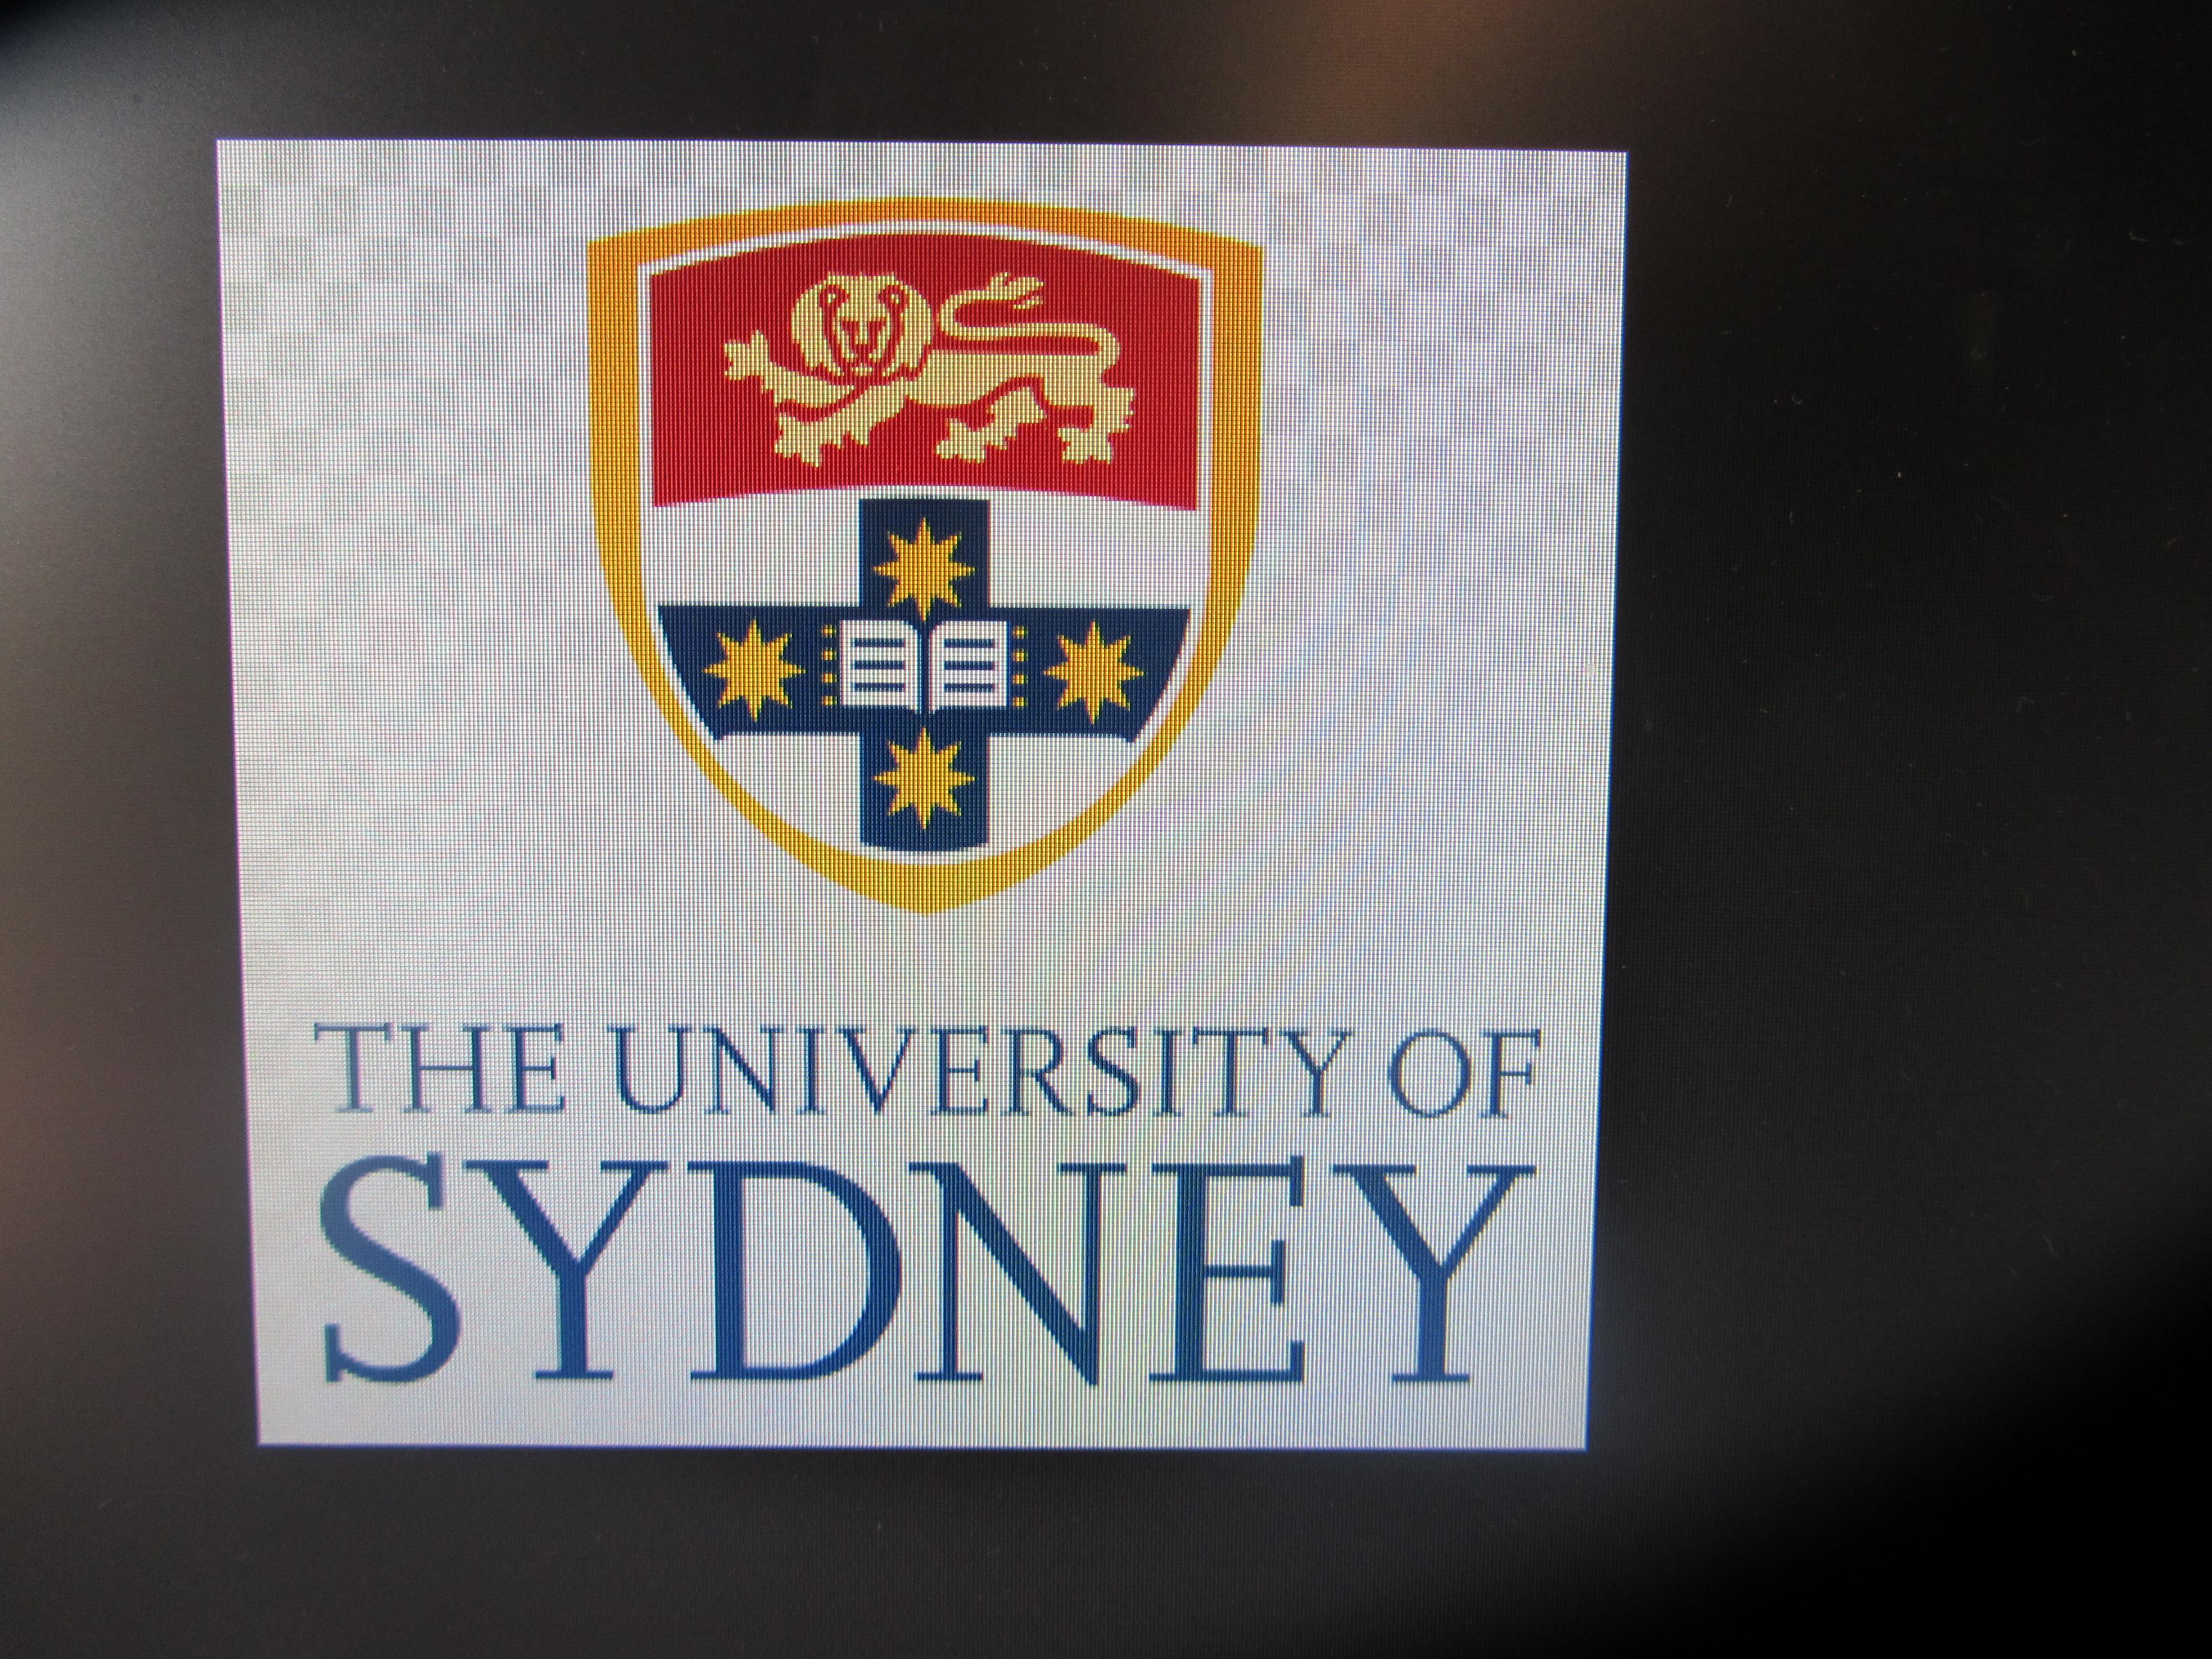 University of Sydney logo 2